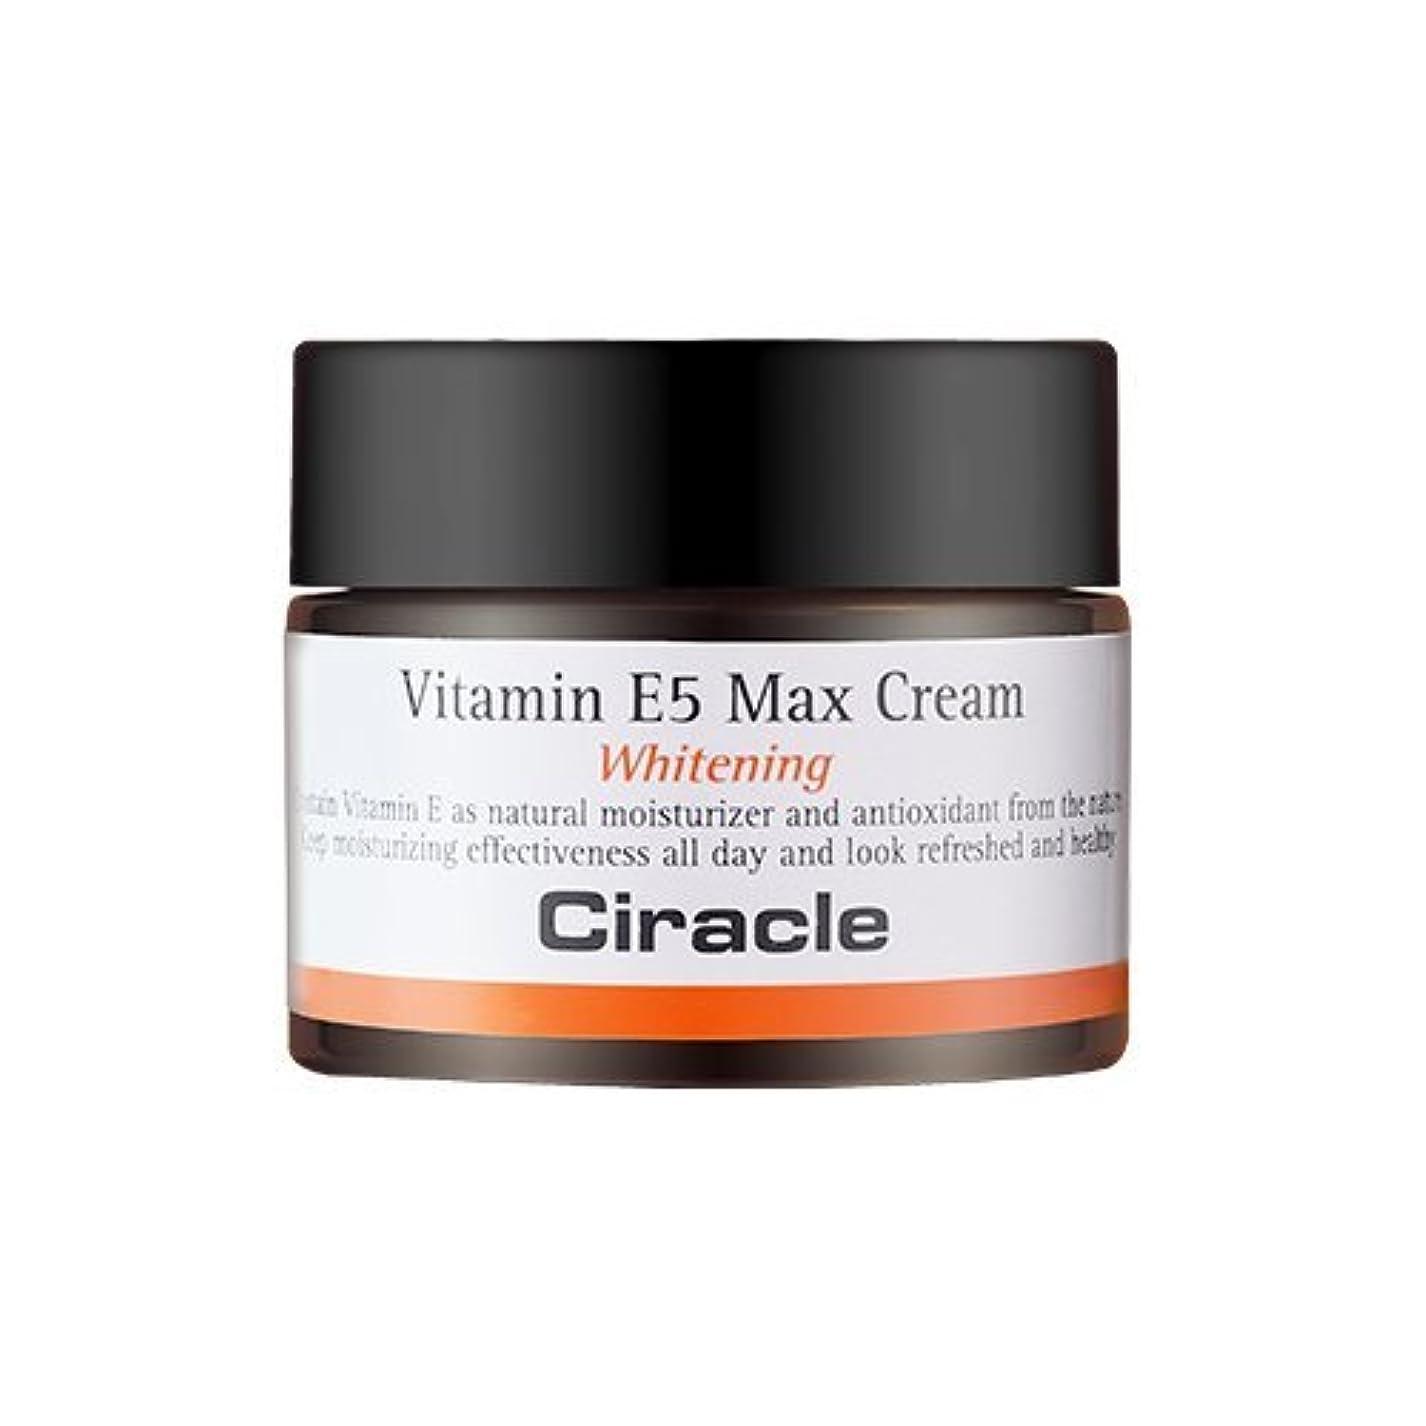 政治家のキャンセル抑止するCiracle Vitamin E5 Max Cream シラクル ビタミンE5 マックス クリーム 50ml [並行輸入品]